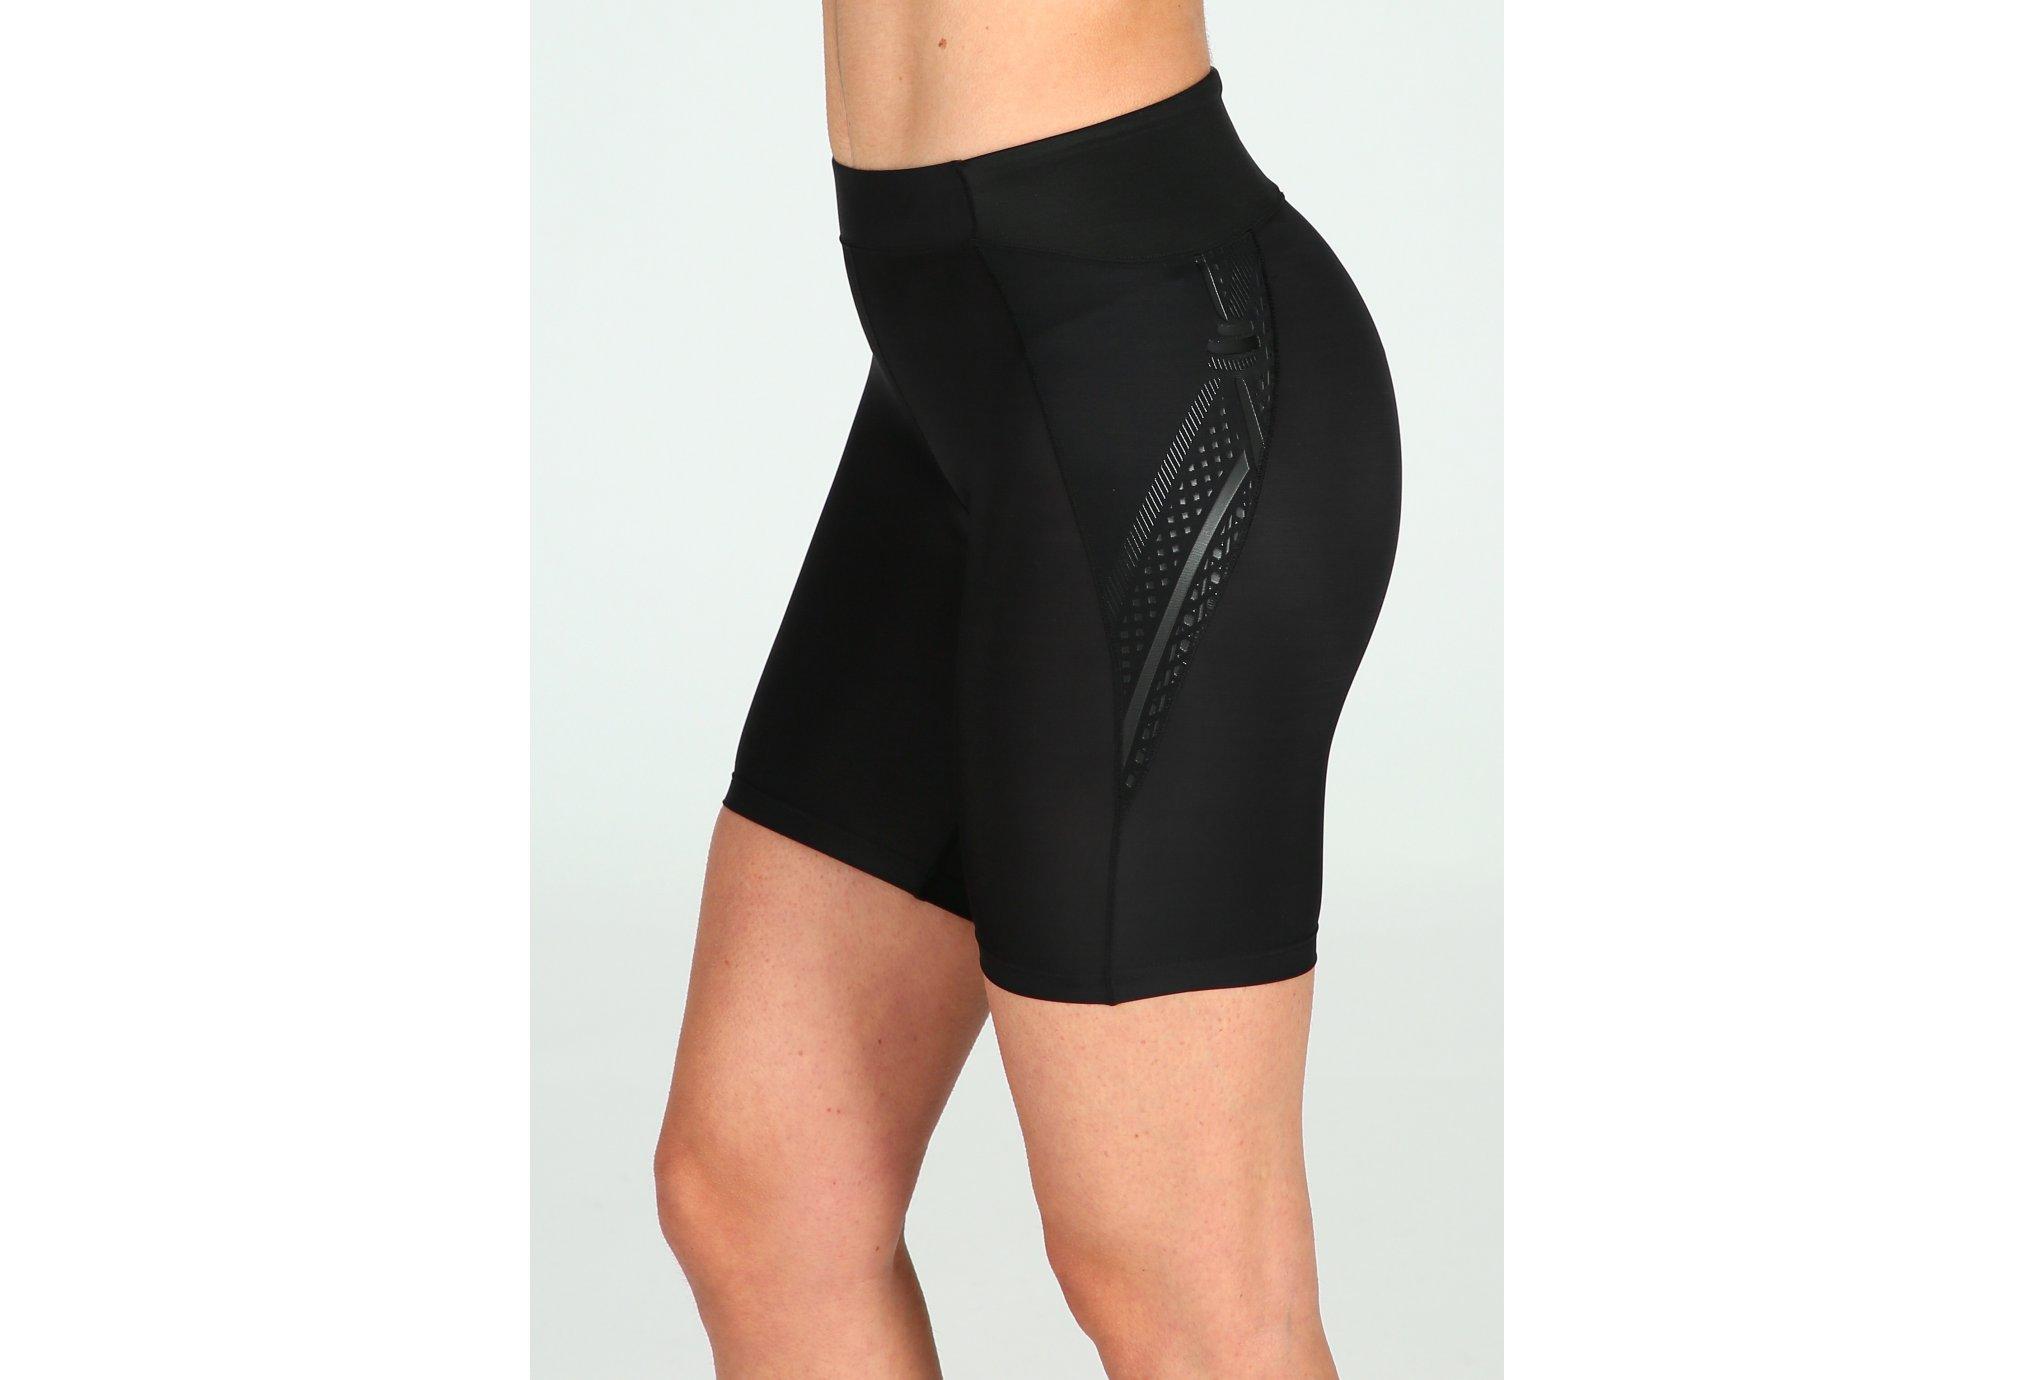 Skins A400 active w vêtement running femme